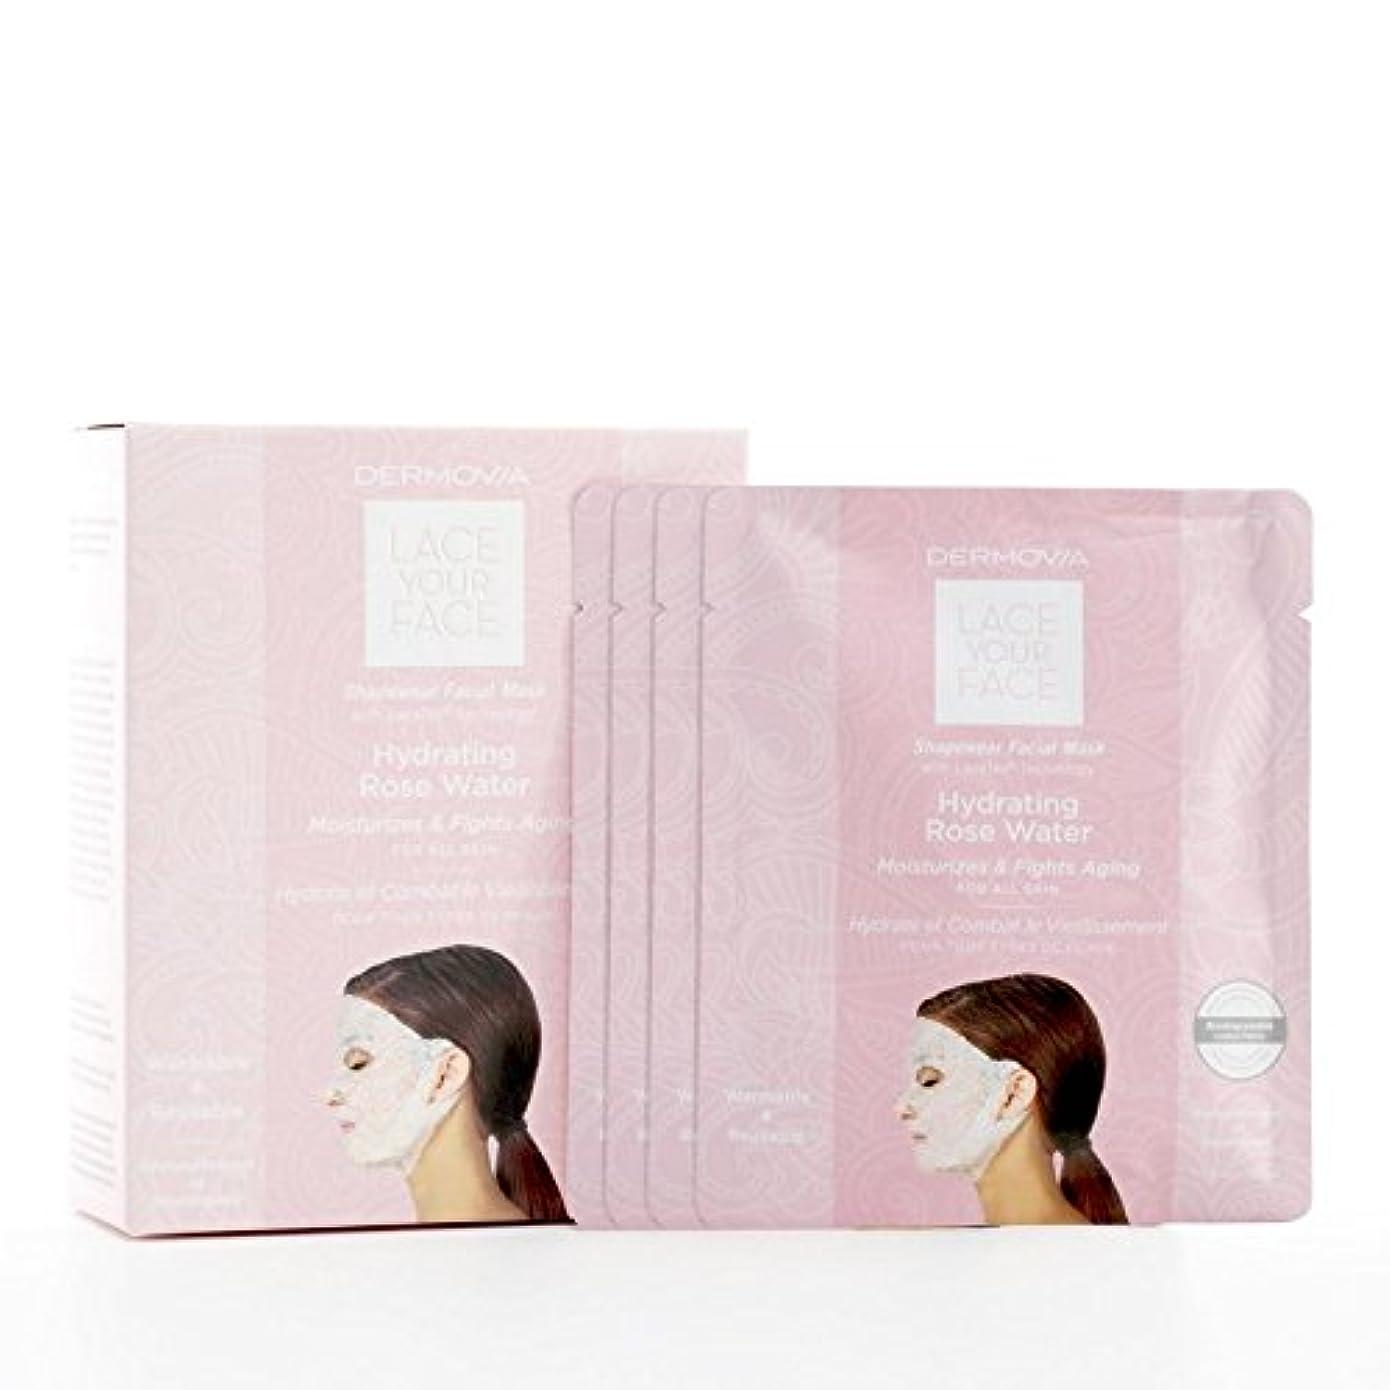 オーク陰謀硬いDermovia Lace Your Face Compression Facial Mask Hydrating Rose Water (Pack of 6) - は、あなたの顔の圧縮フェイシャルマスク水和が水をバラレース...